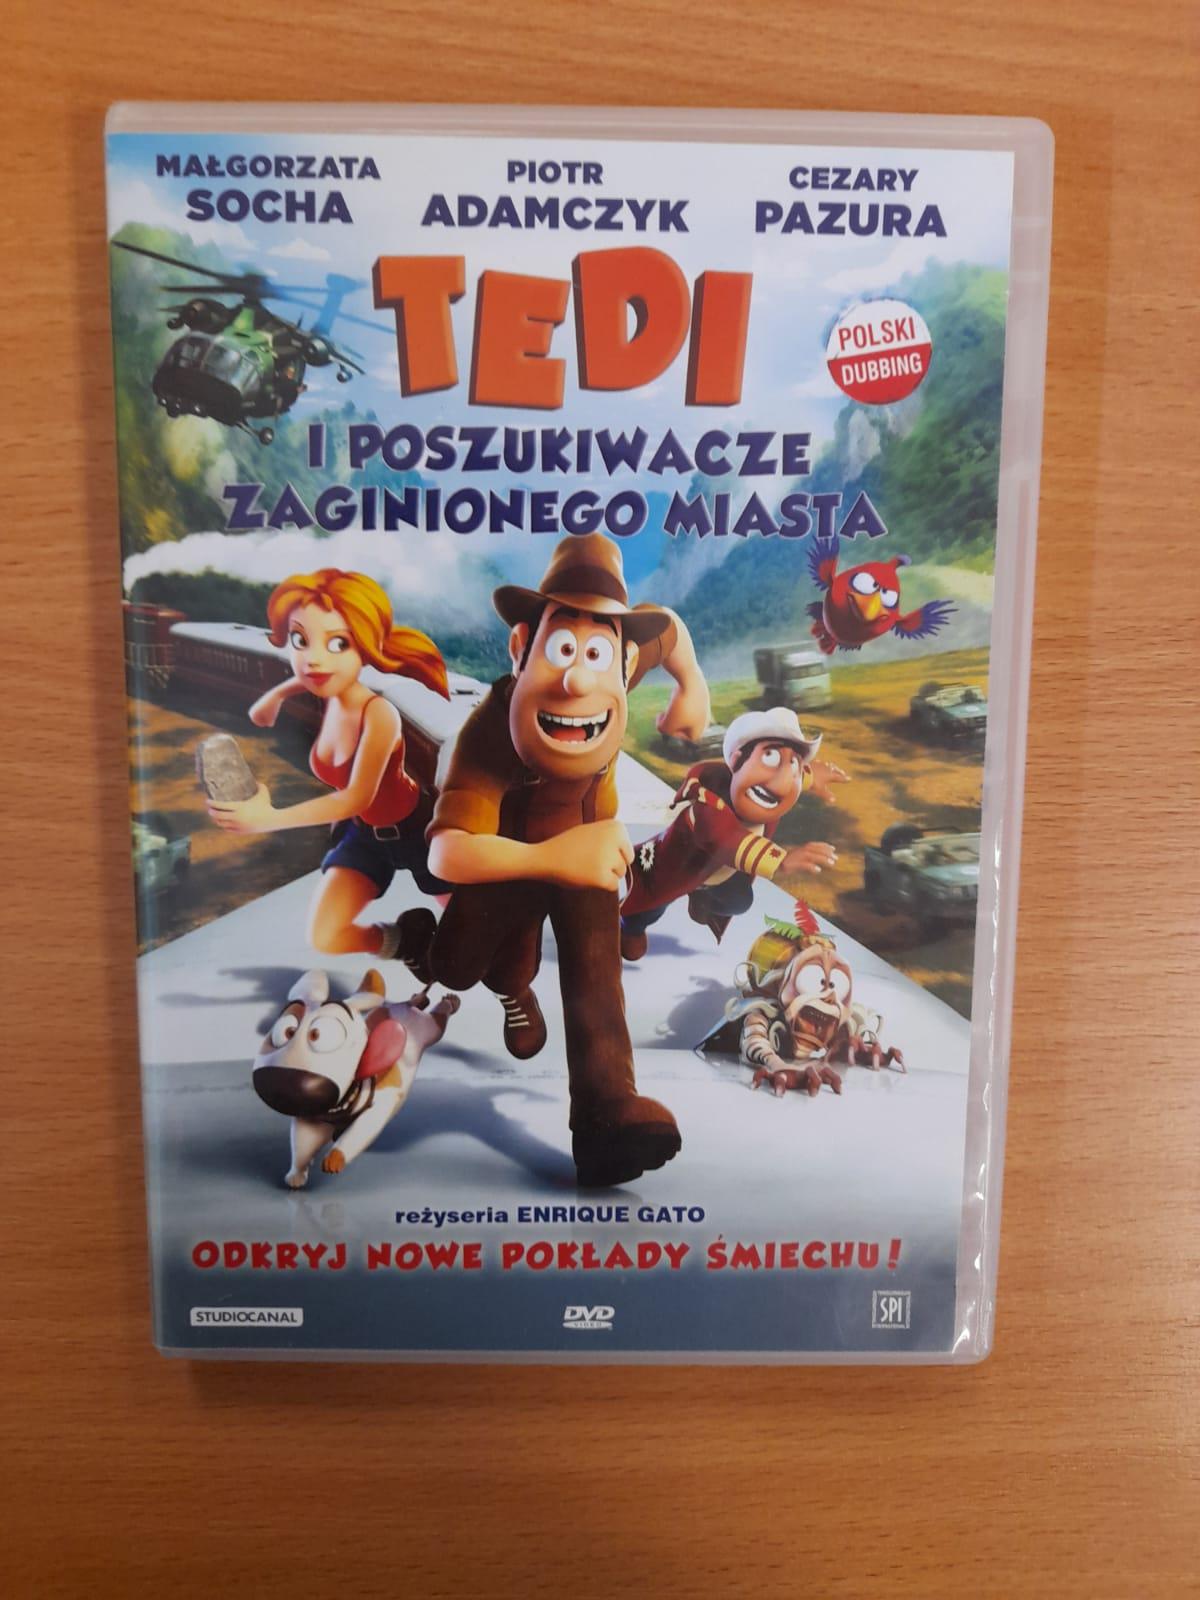 okładka płyty z filmem, na okładce trzy biegnące postacie